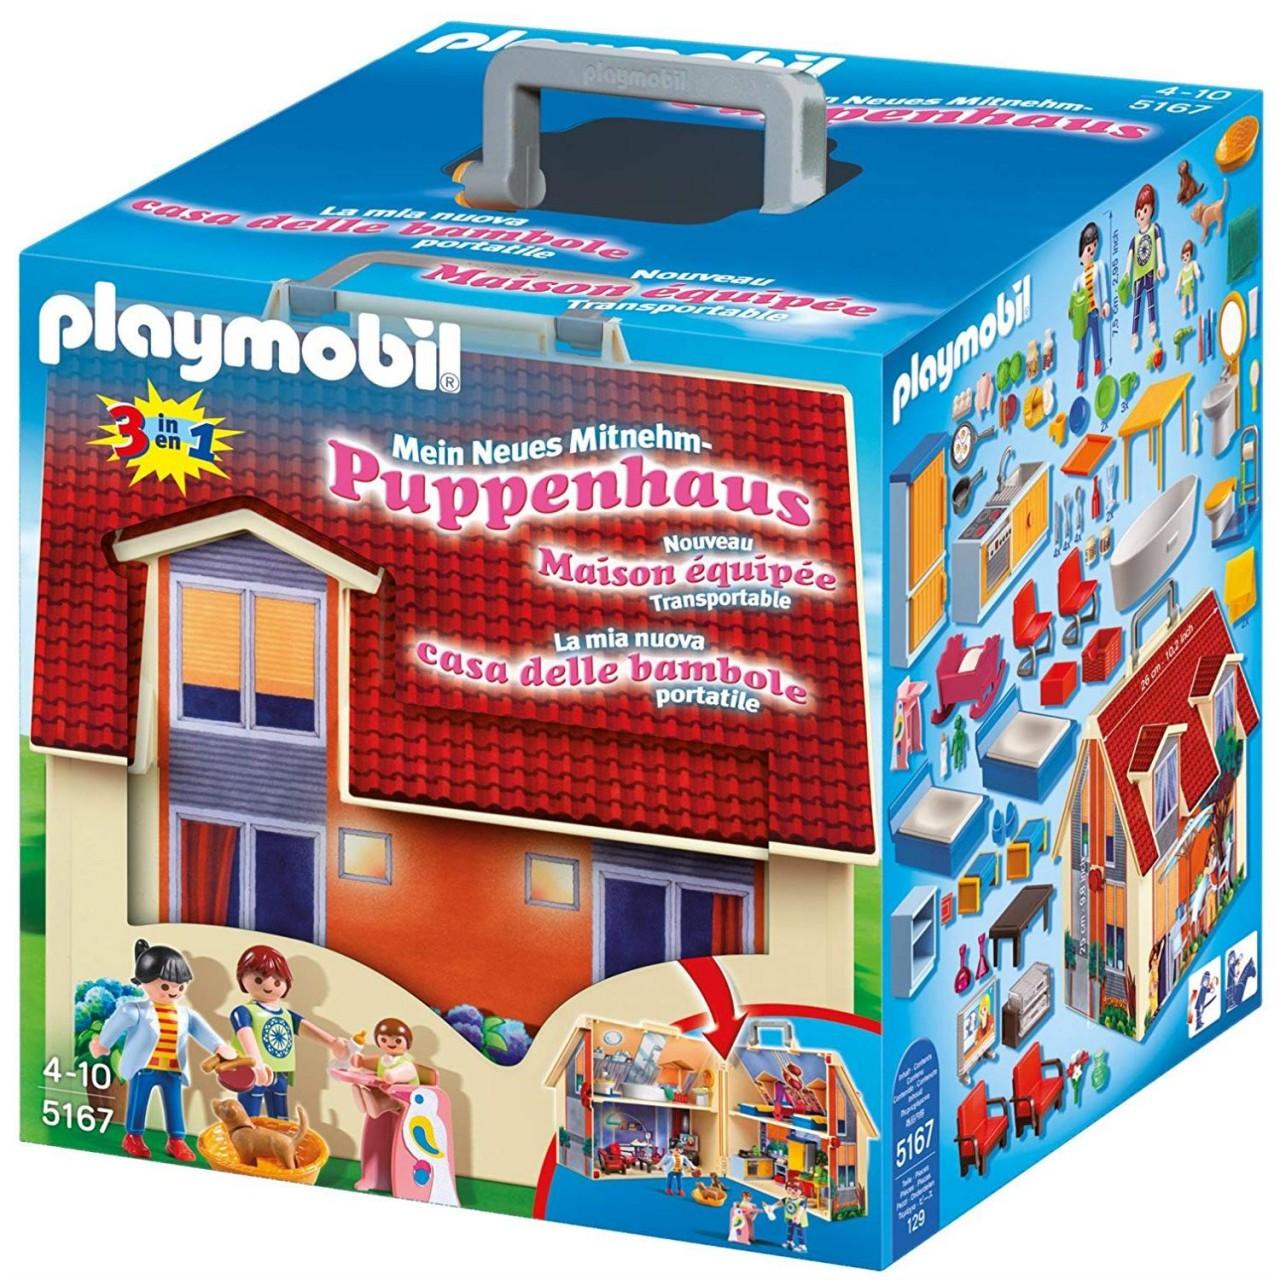 Playmobil 5167 Mein Neues Mitnehm-Puppenhaus